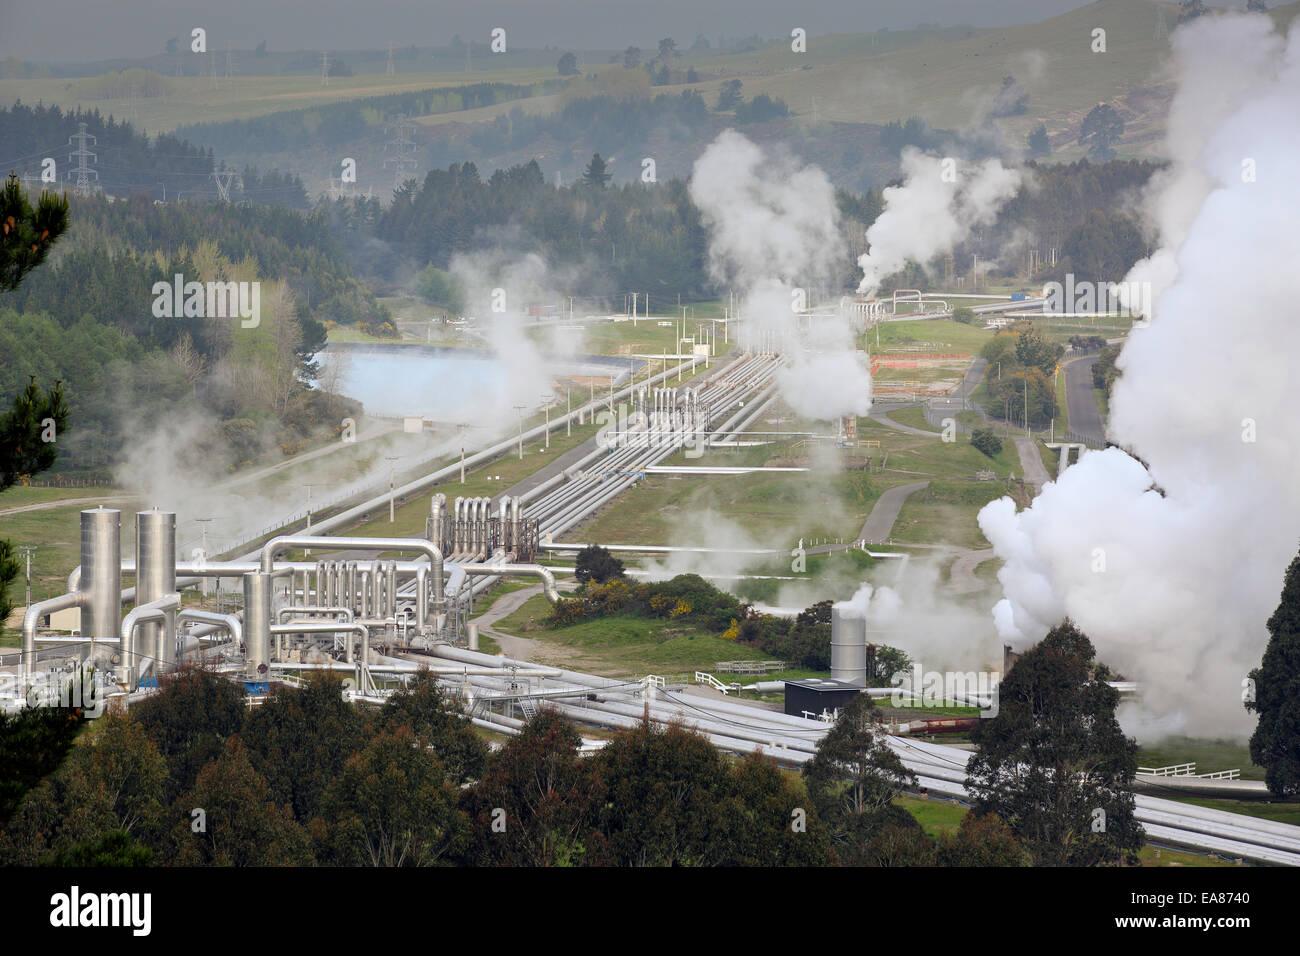 La centrale électrique de Wairakei, une centrale géothermique (vapeur humide) power station à Taupo, Photo Stock